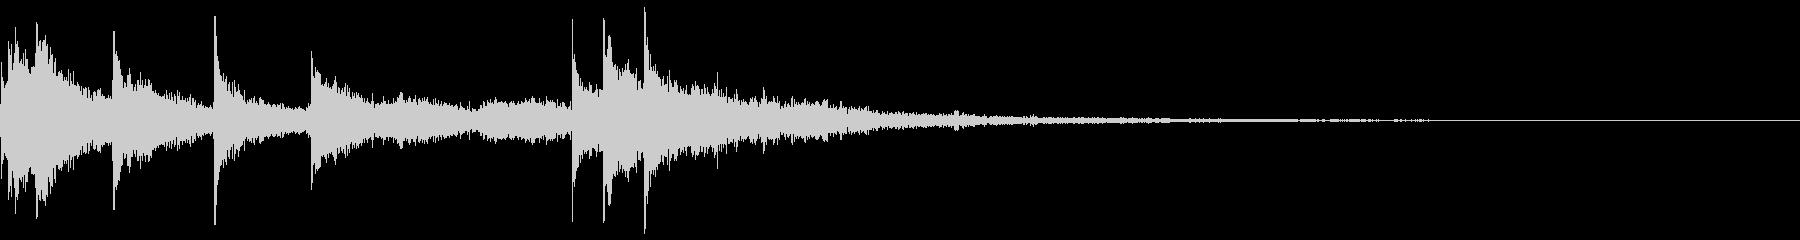 トイピアノの暗いハロウィンのジングルの未再生の波形